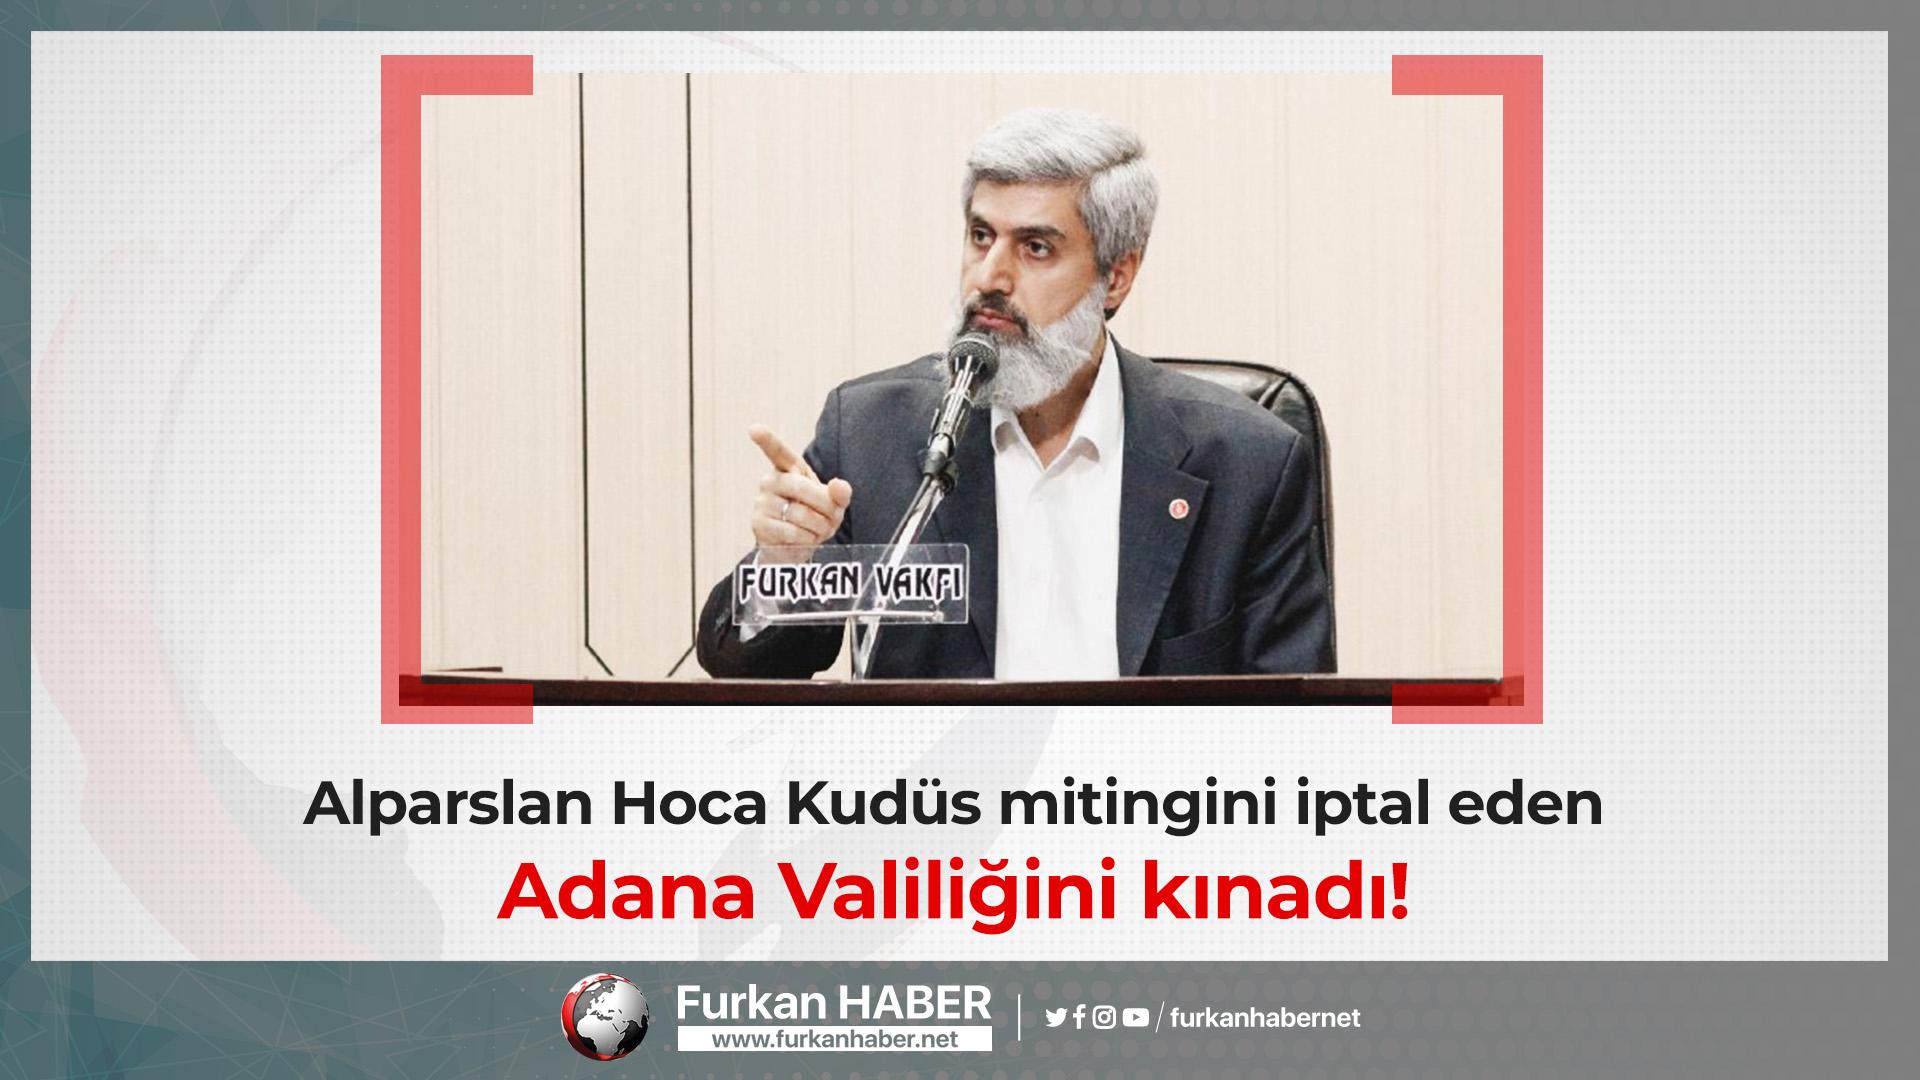 Alparslan Hoca Kudüs mitingini iptal eden Adana Valiliğini kınadı!